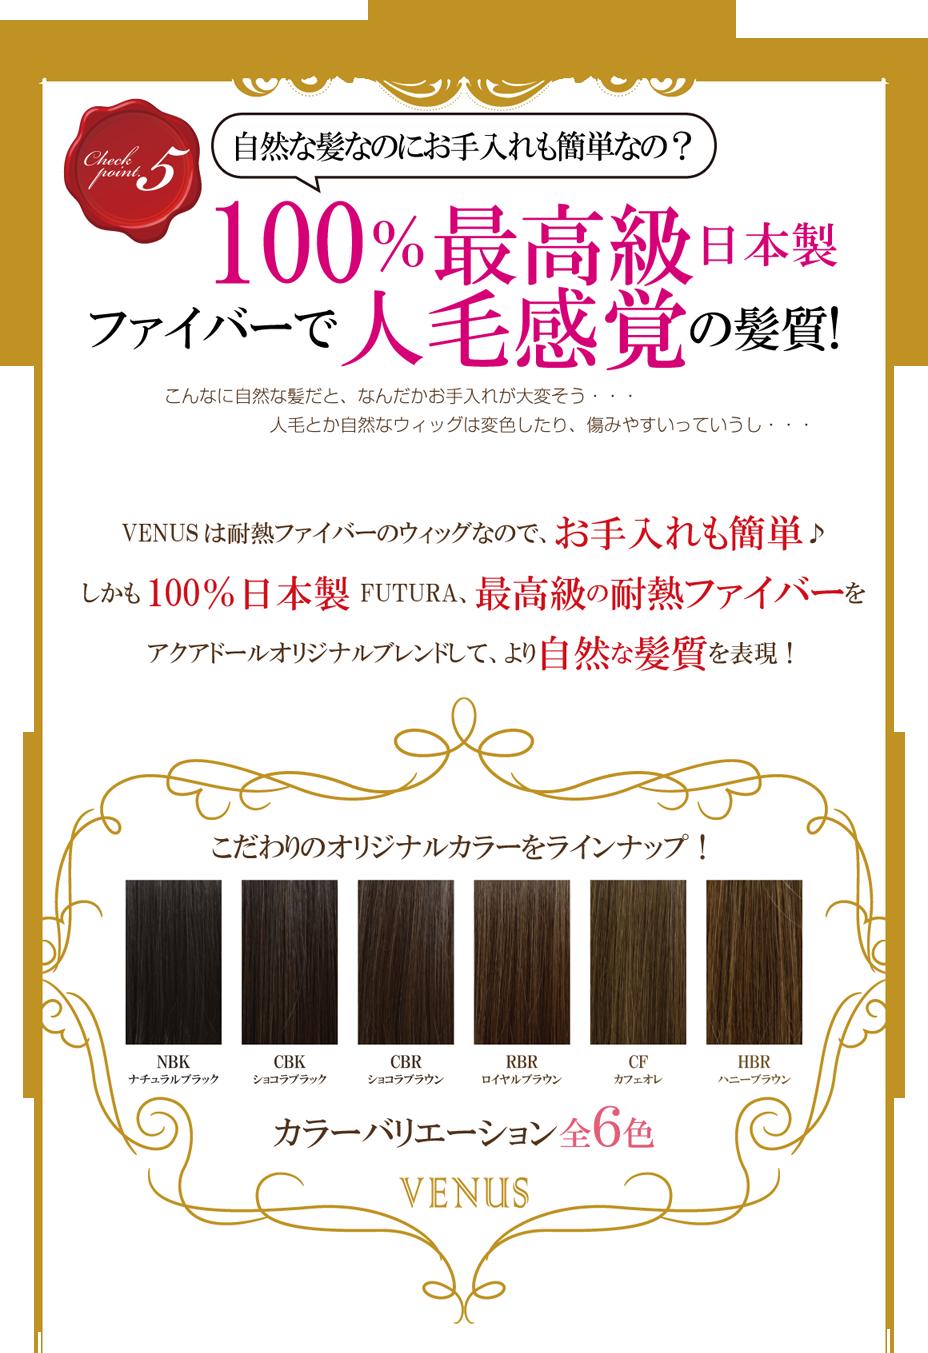 アクアドールオリジナルブレンド、こだわりの6カラー!日本製100%最高級のファイバー、FUTURAを使用 人毛みたいにナチュラル!